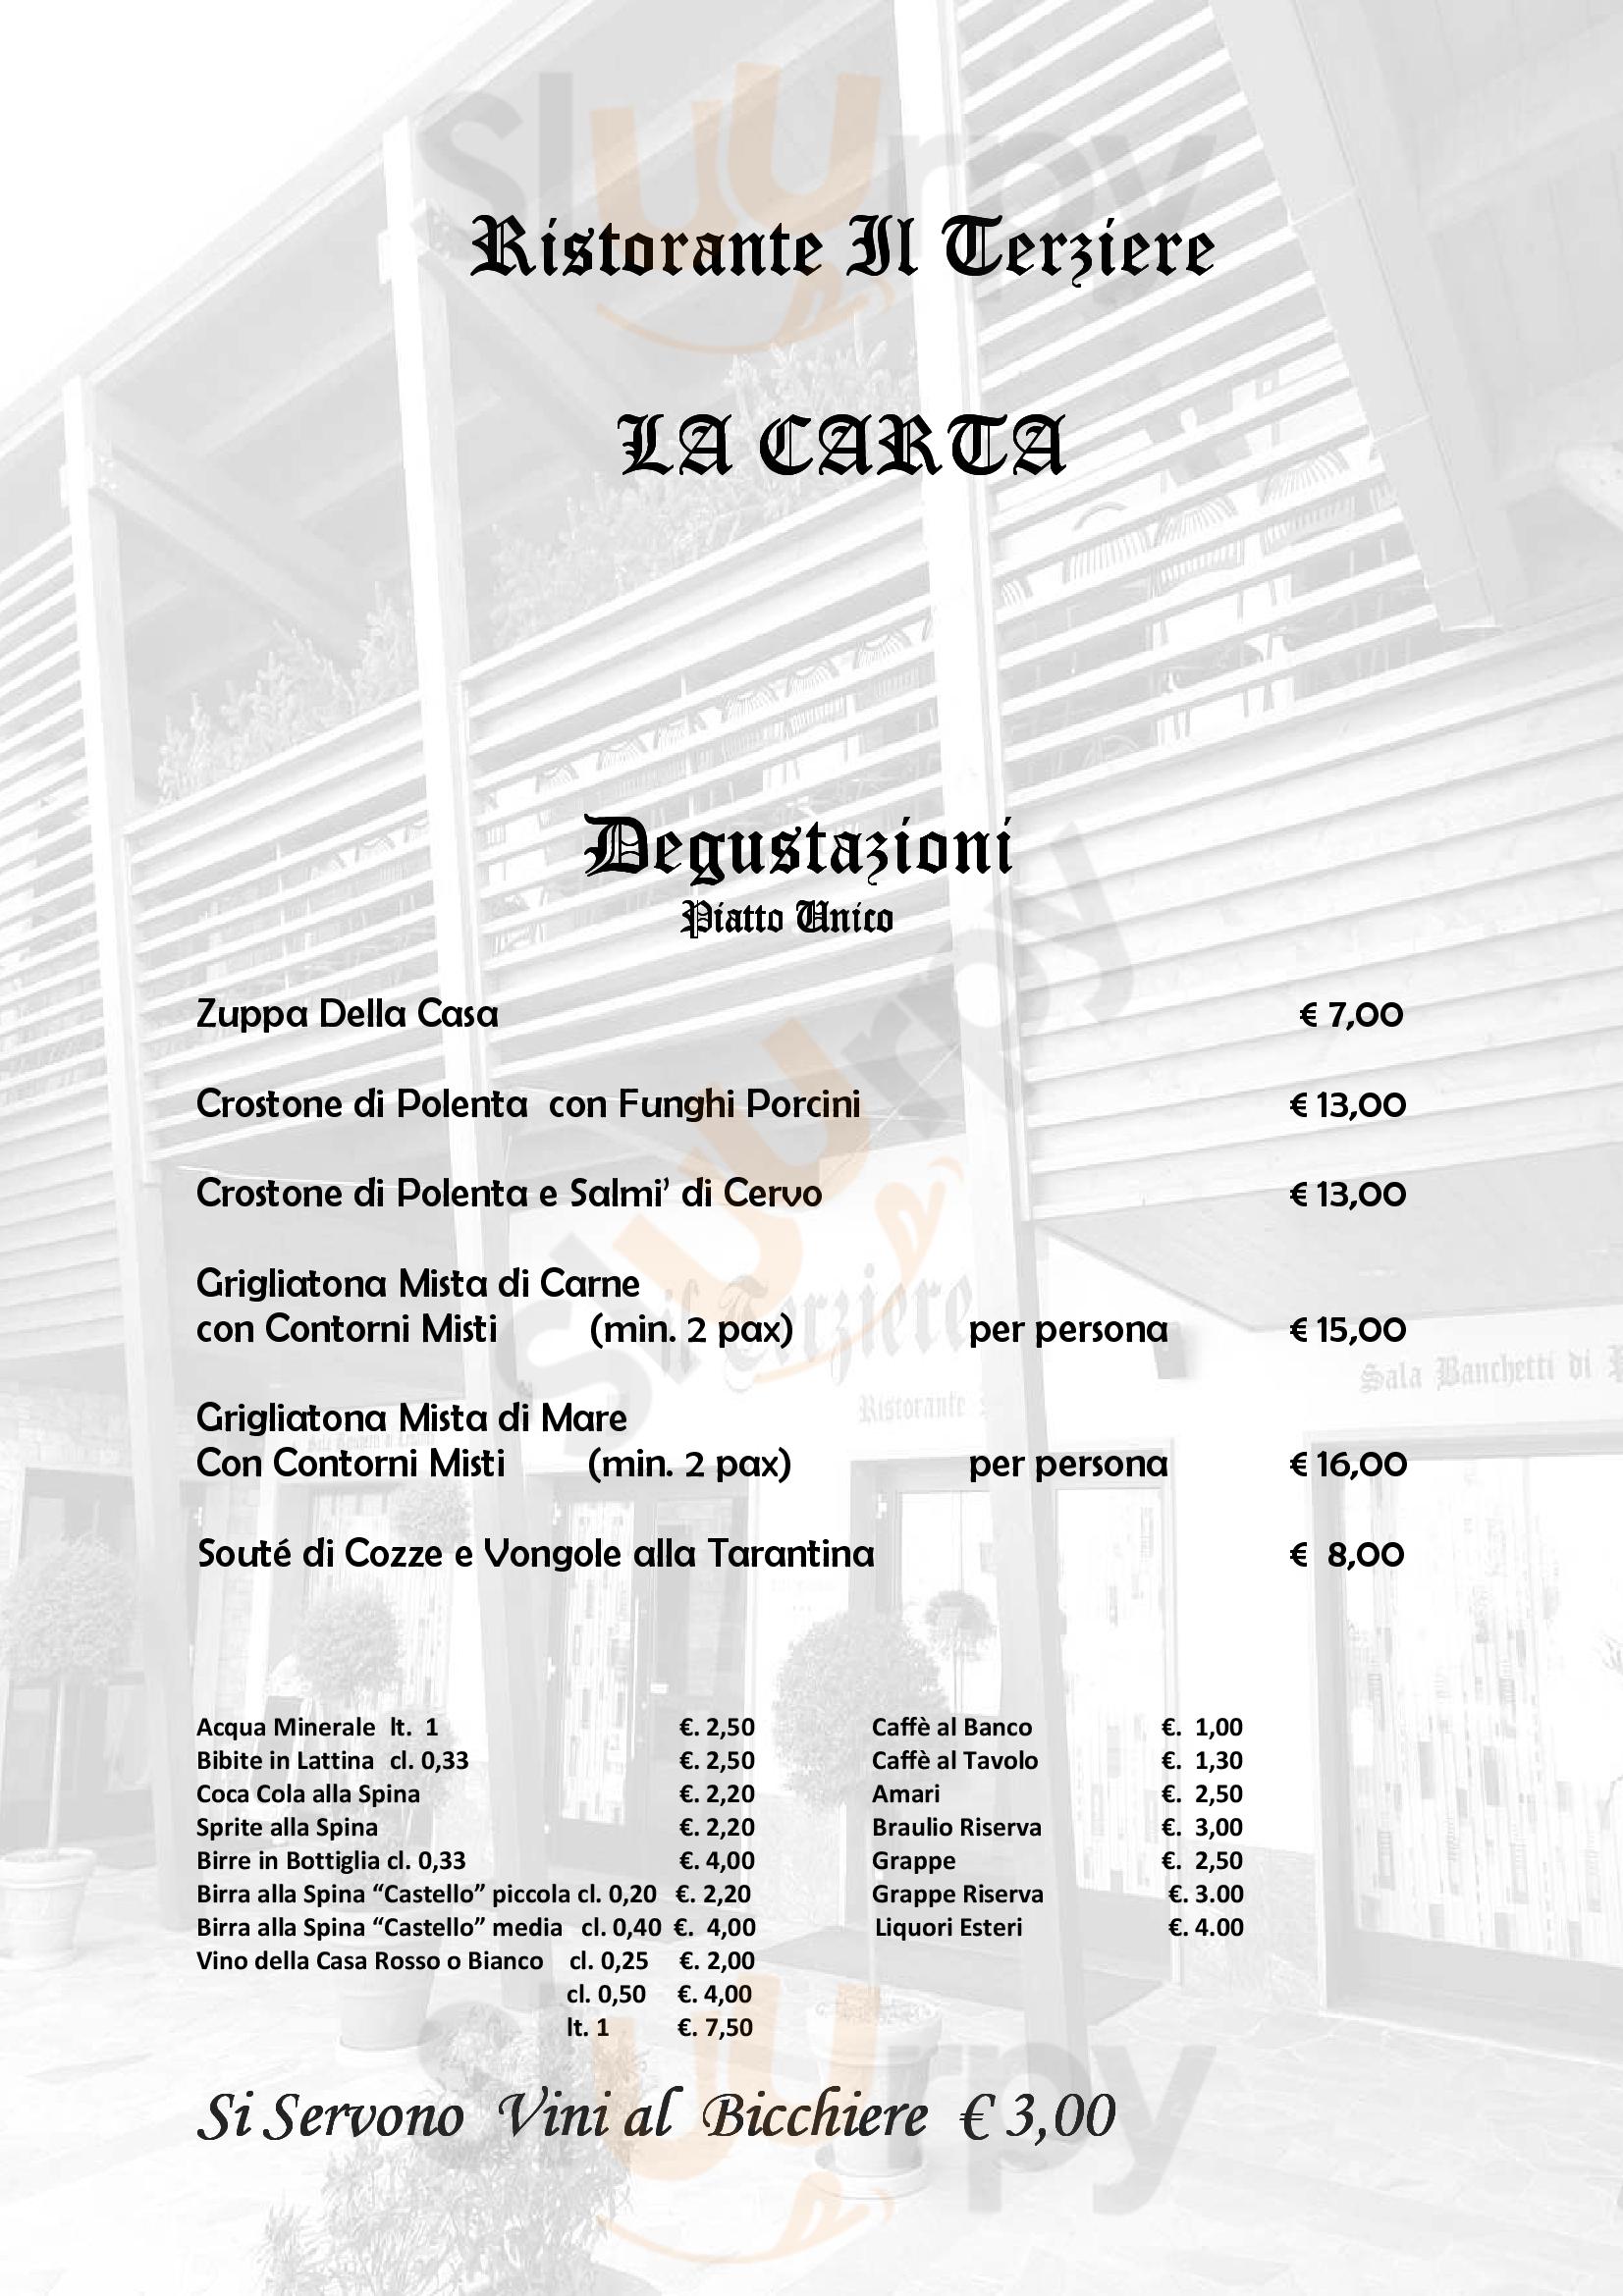 Il Terziere Andalo Valtellino menù 1 pagina